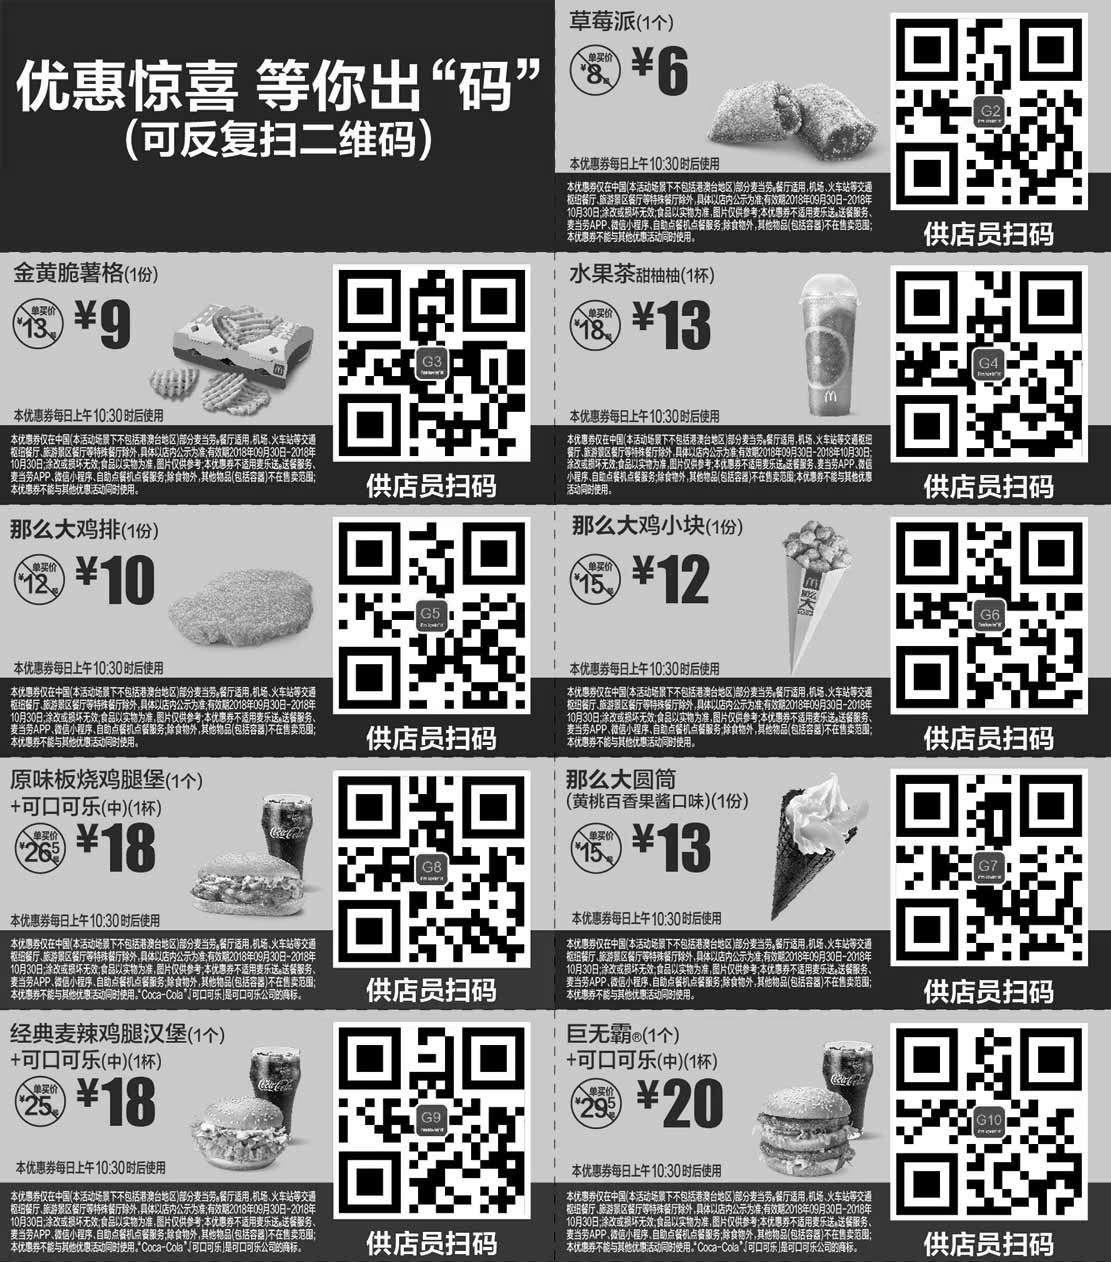 黑白优惠券图片:麦当劳优惠券2018年10月手机版整张版本,出示给店员扫码享券面优惠价点餐 - www.5ikfc.com